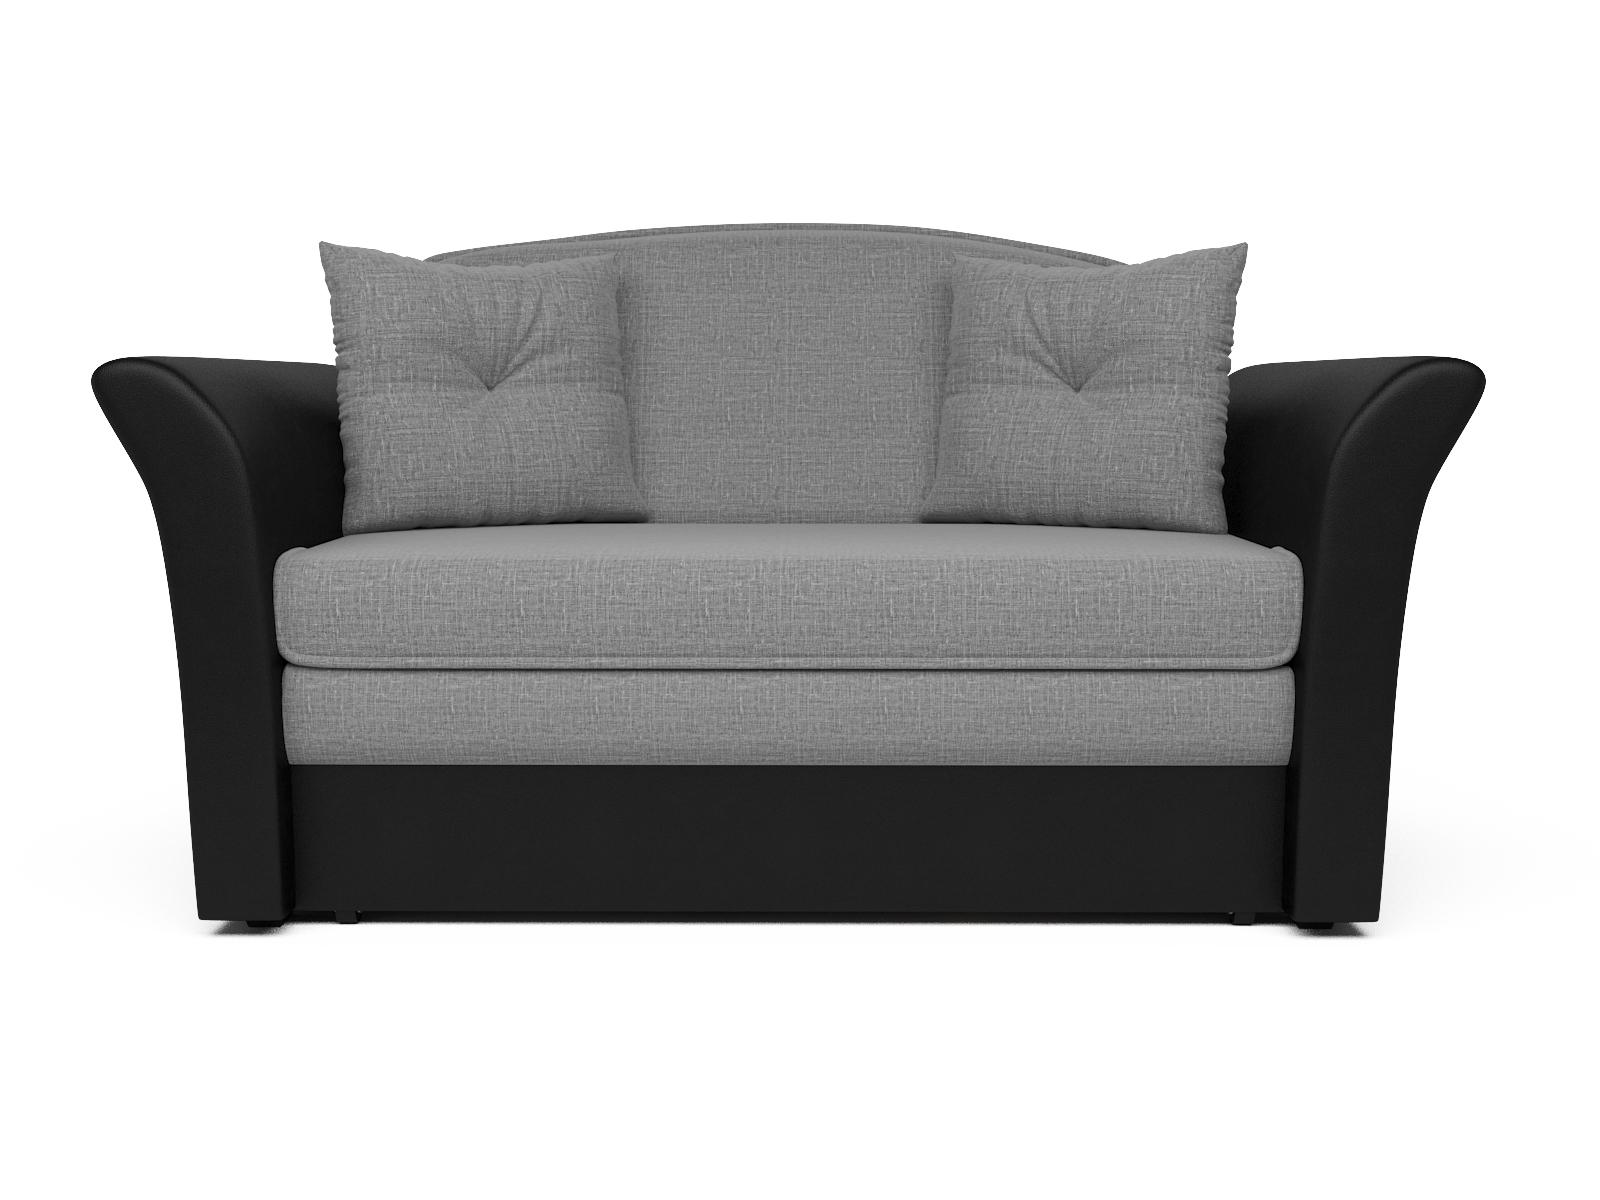 Фото - Диван Малютка 2 MebelVia Серый, Черный, Рогожка, Брус сосны диван малютка 2 mebelvia коричневый рогожка брус сосны